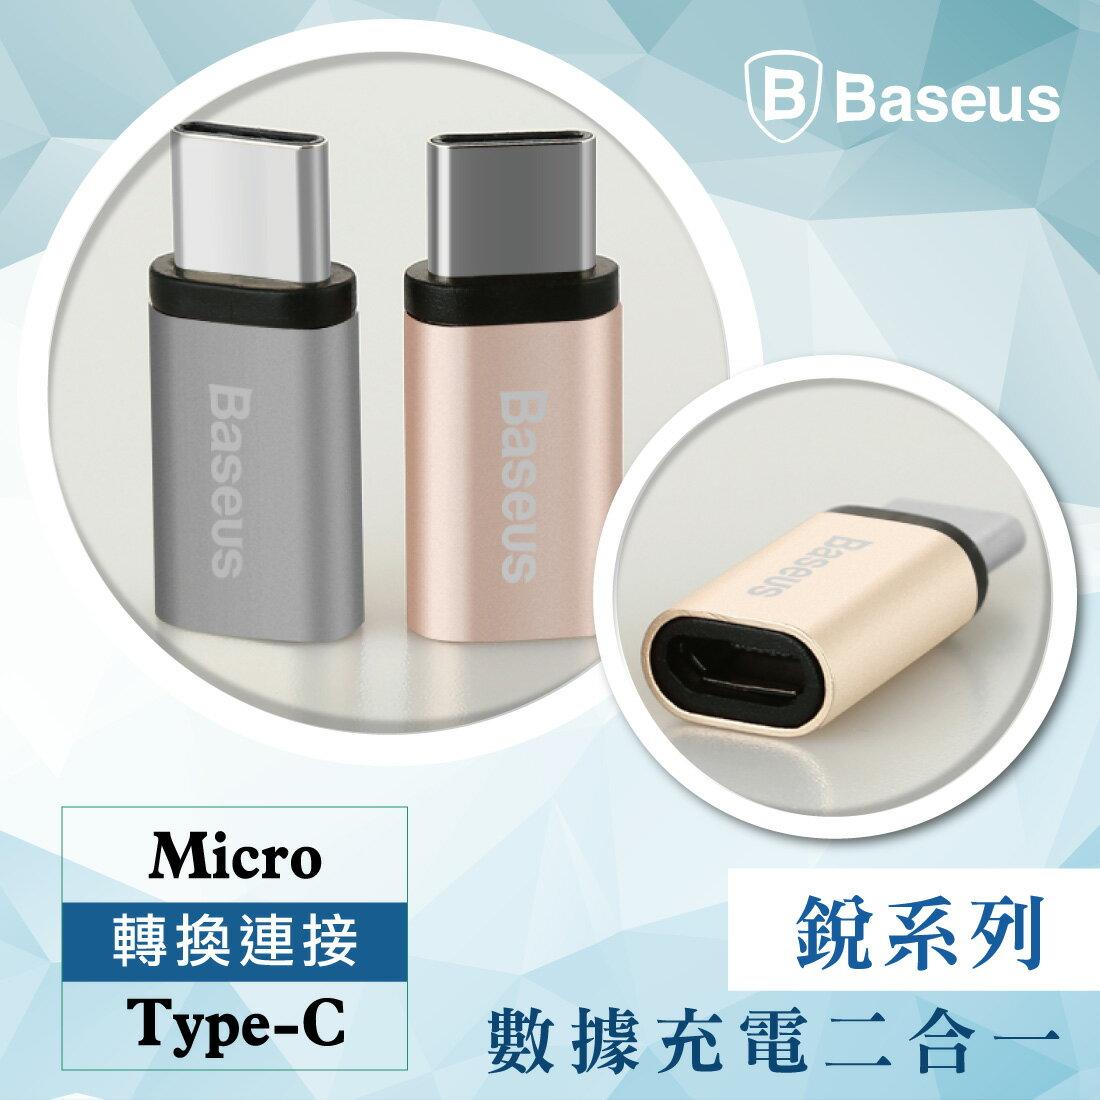 【Baseus】Micro USB 轉 Type-C 轉接頭 HTC U11 M10 小米MAX2 三星 S8Plus SONY XZ Premium 適用 單頭 隨身便捷 傳輸 充電 轉換器